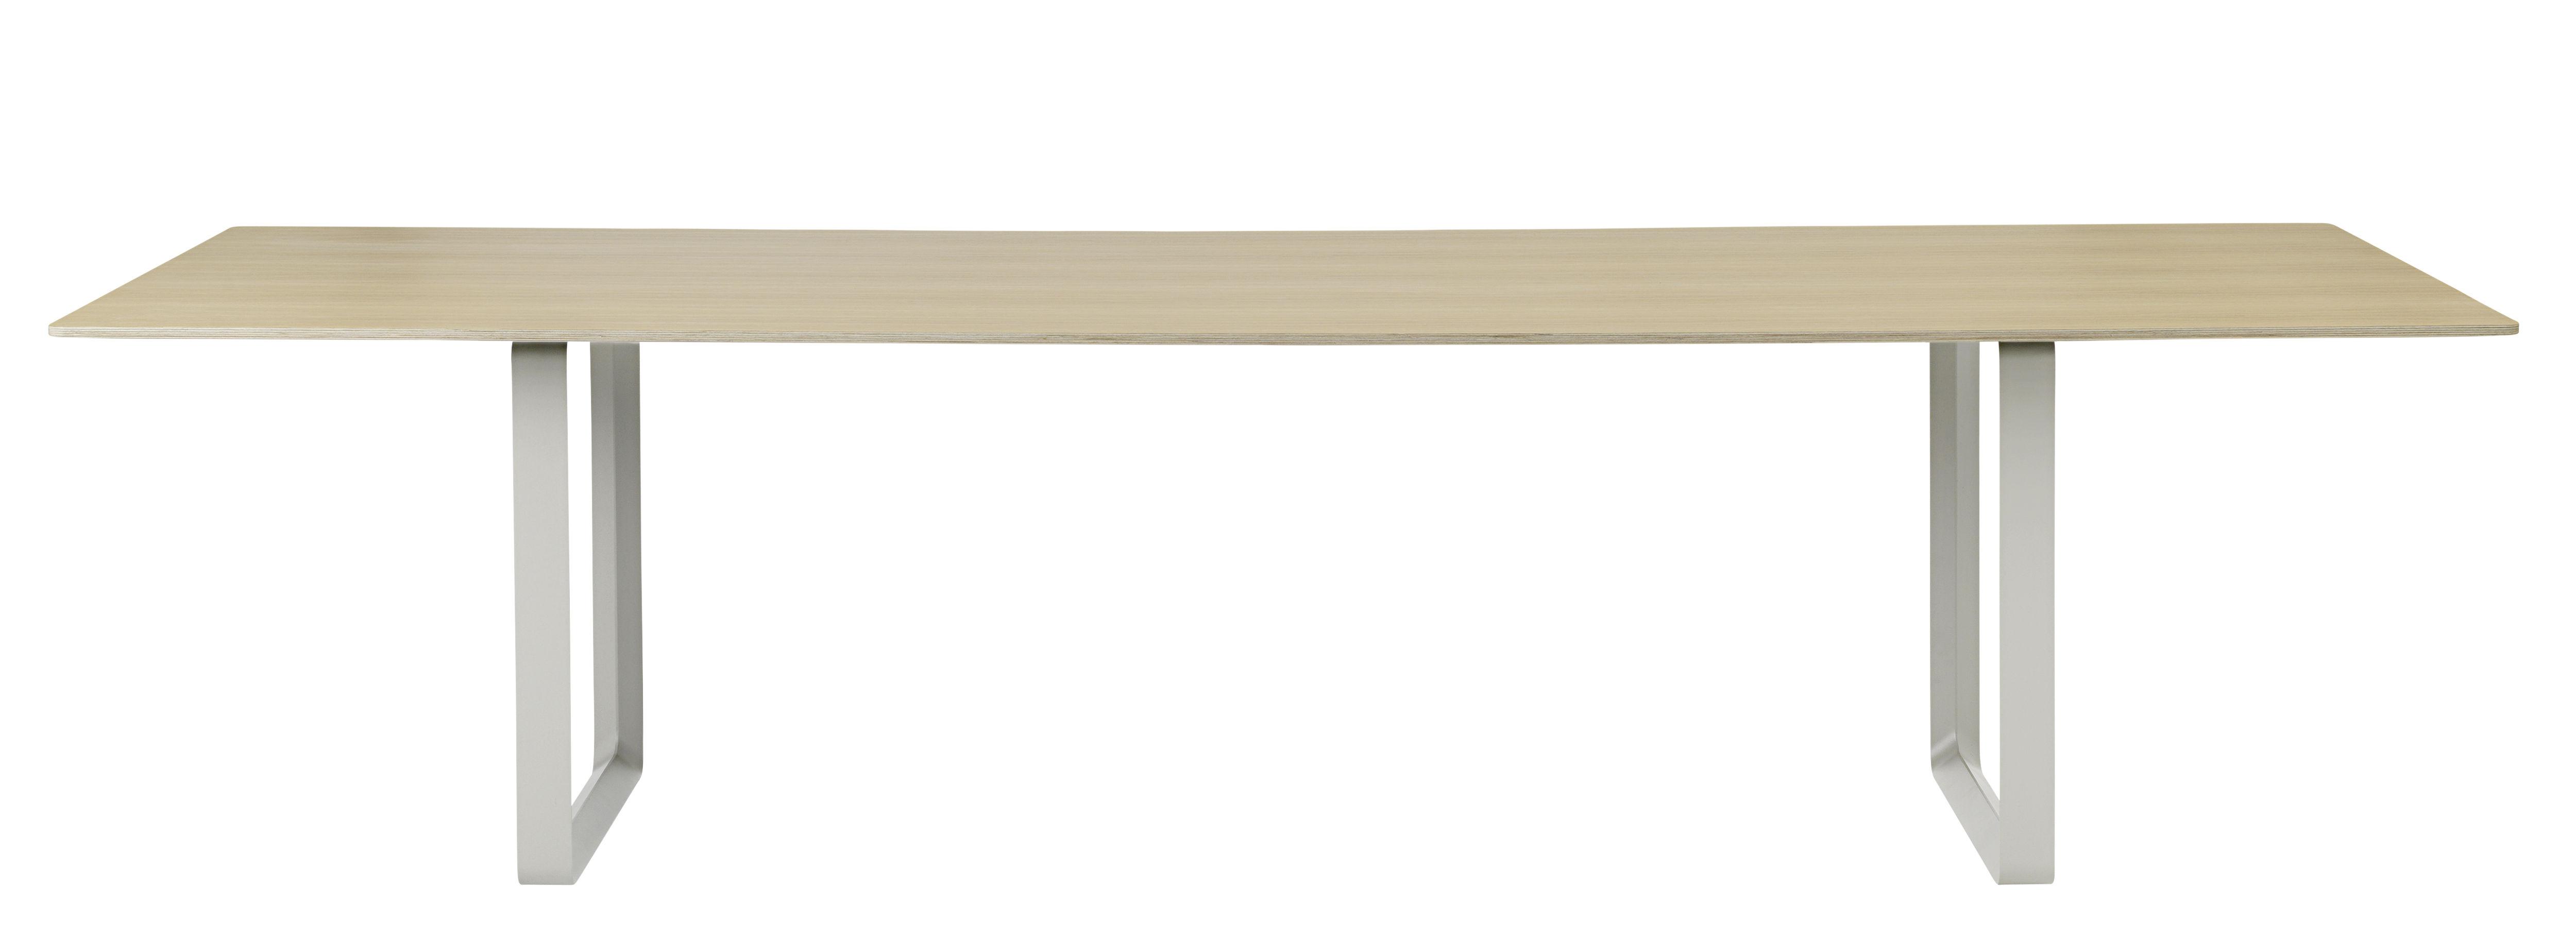 Möbel - Tische - 70-70 XXL Table rectangulaire / 295 x 108 cm - Muuto - Eiche / Stuhlbeine grau - Aluminium, Eiche, Furnier